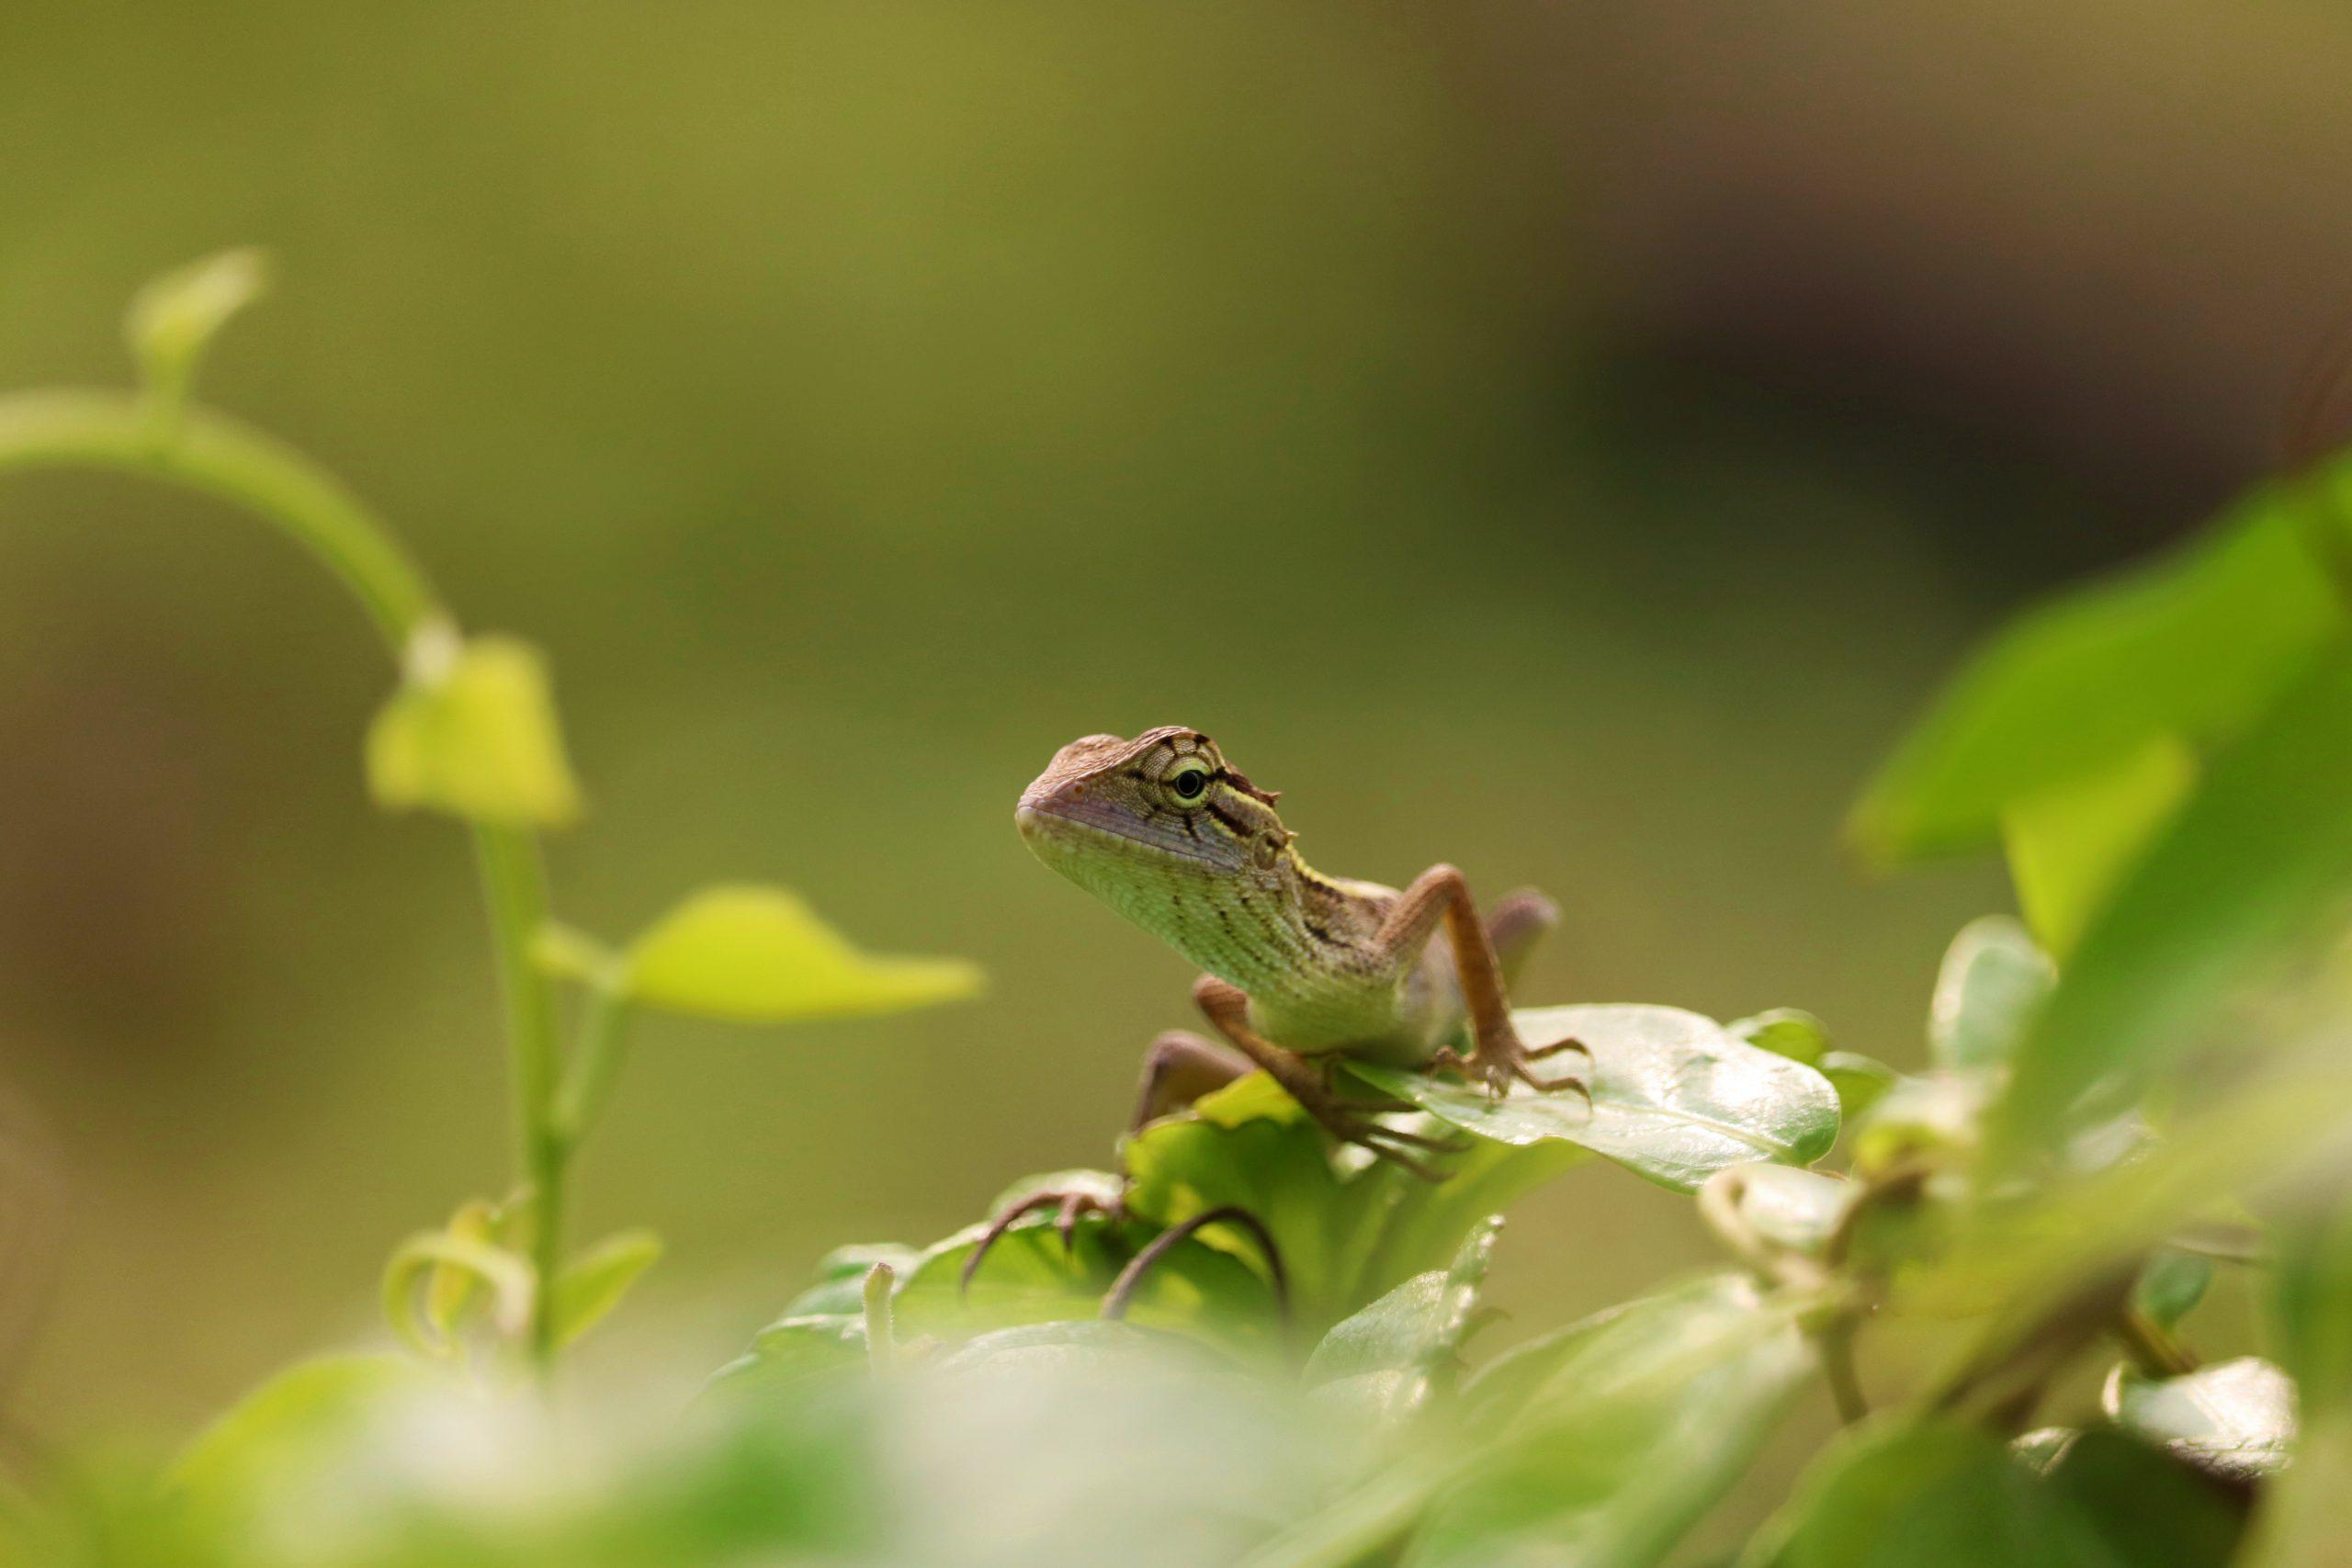 Oriental garden lizard on a leaf